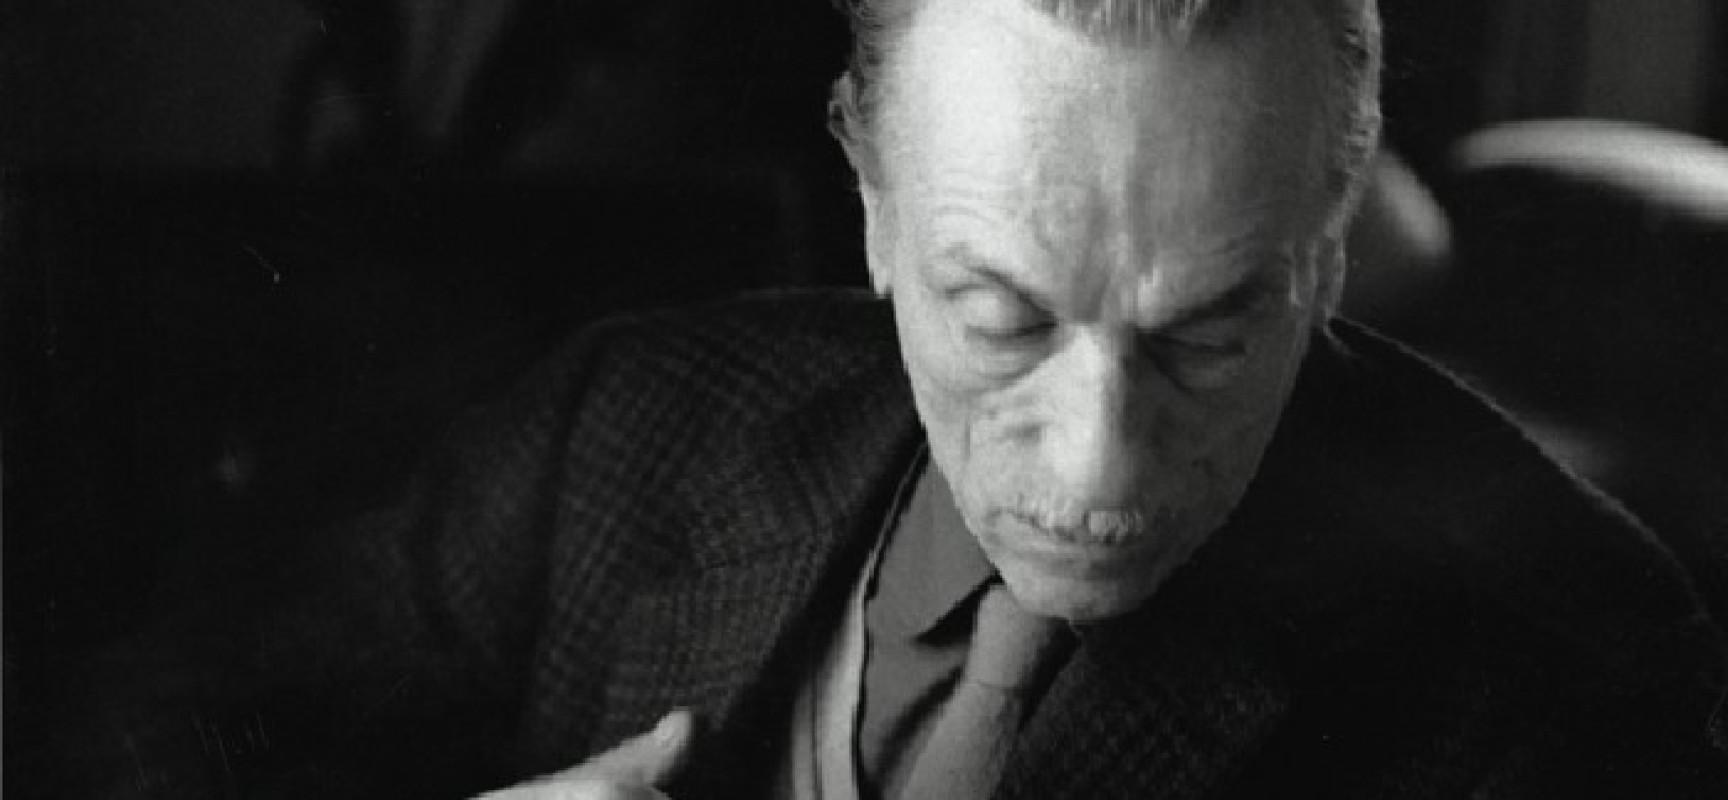 Tà-kài-Tà, per Eduardo in scena Enzo Moscato e Isa Danieli